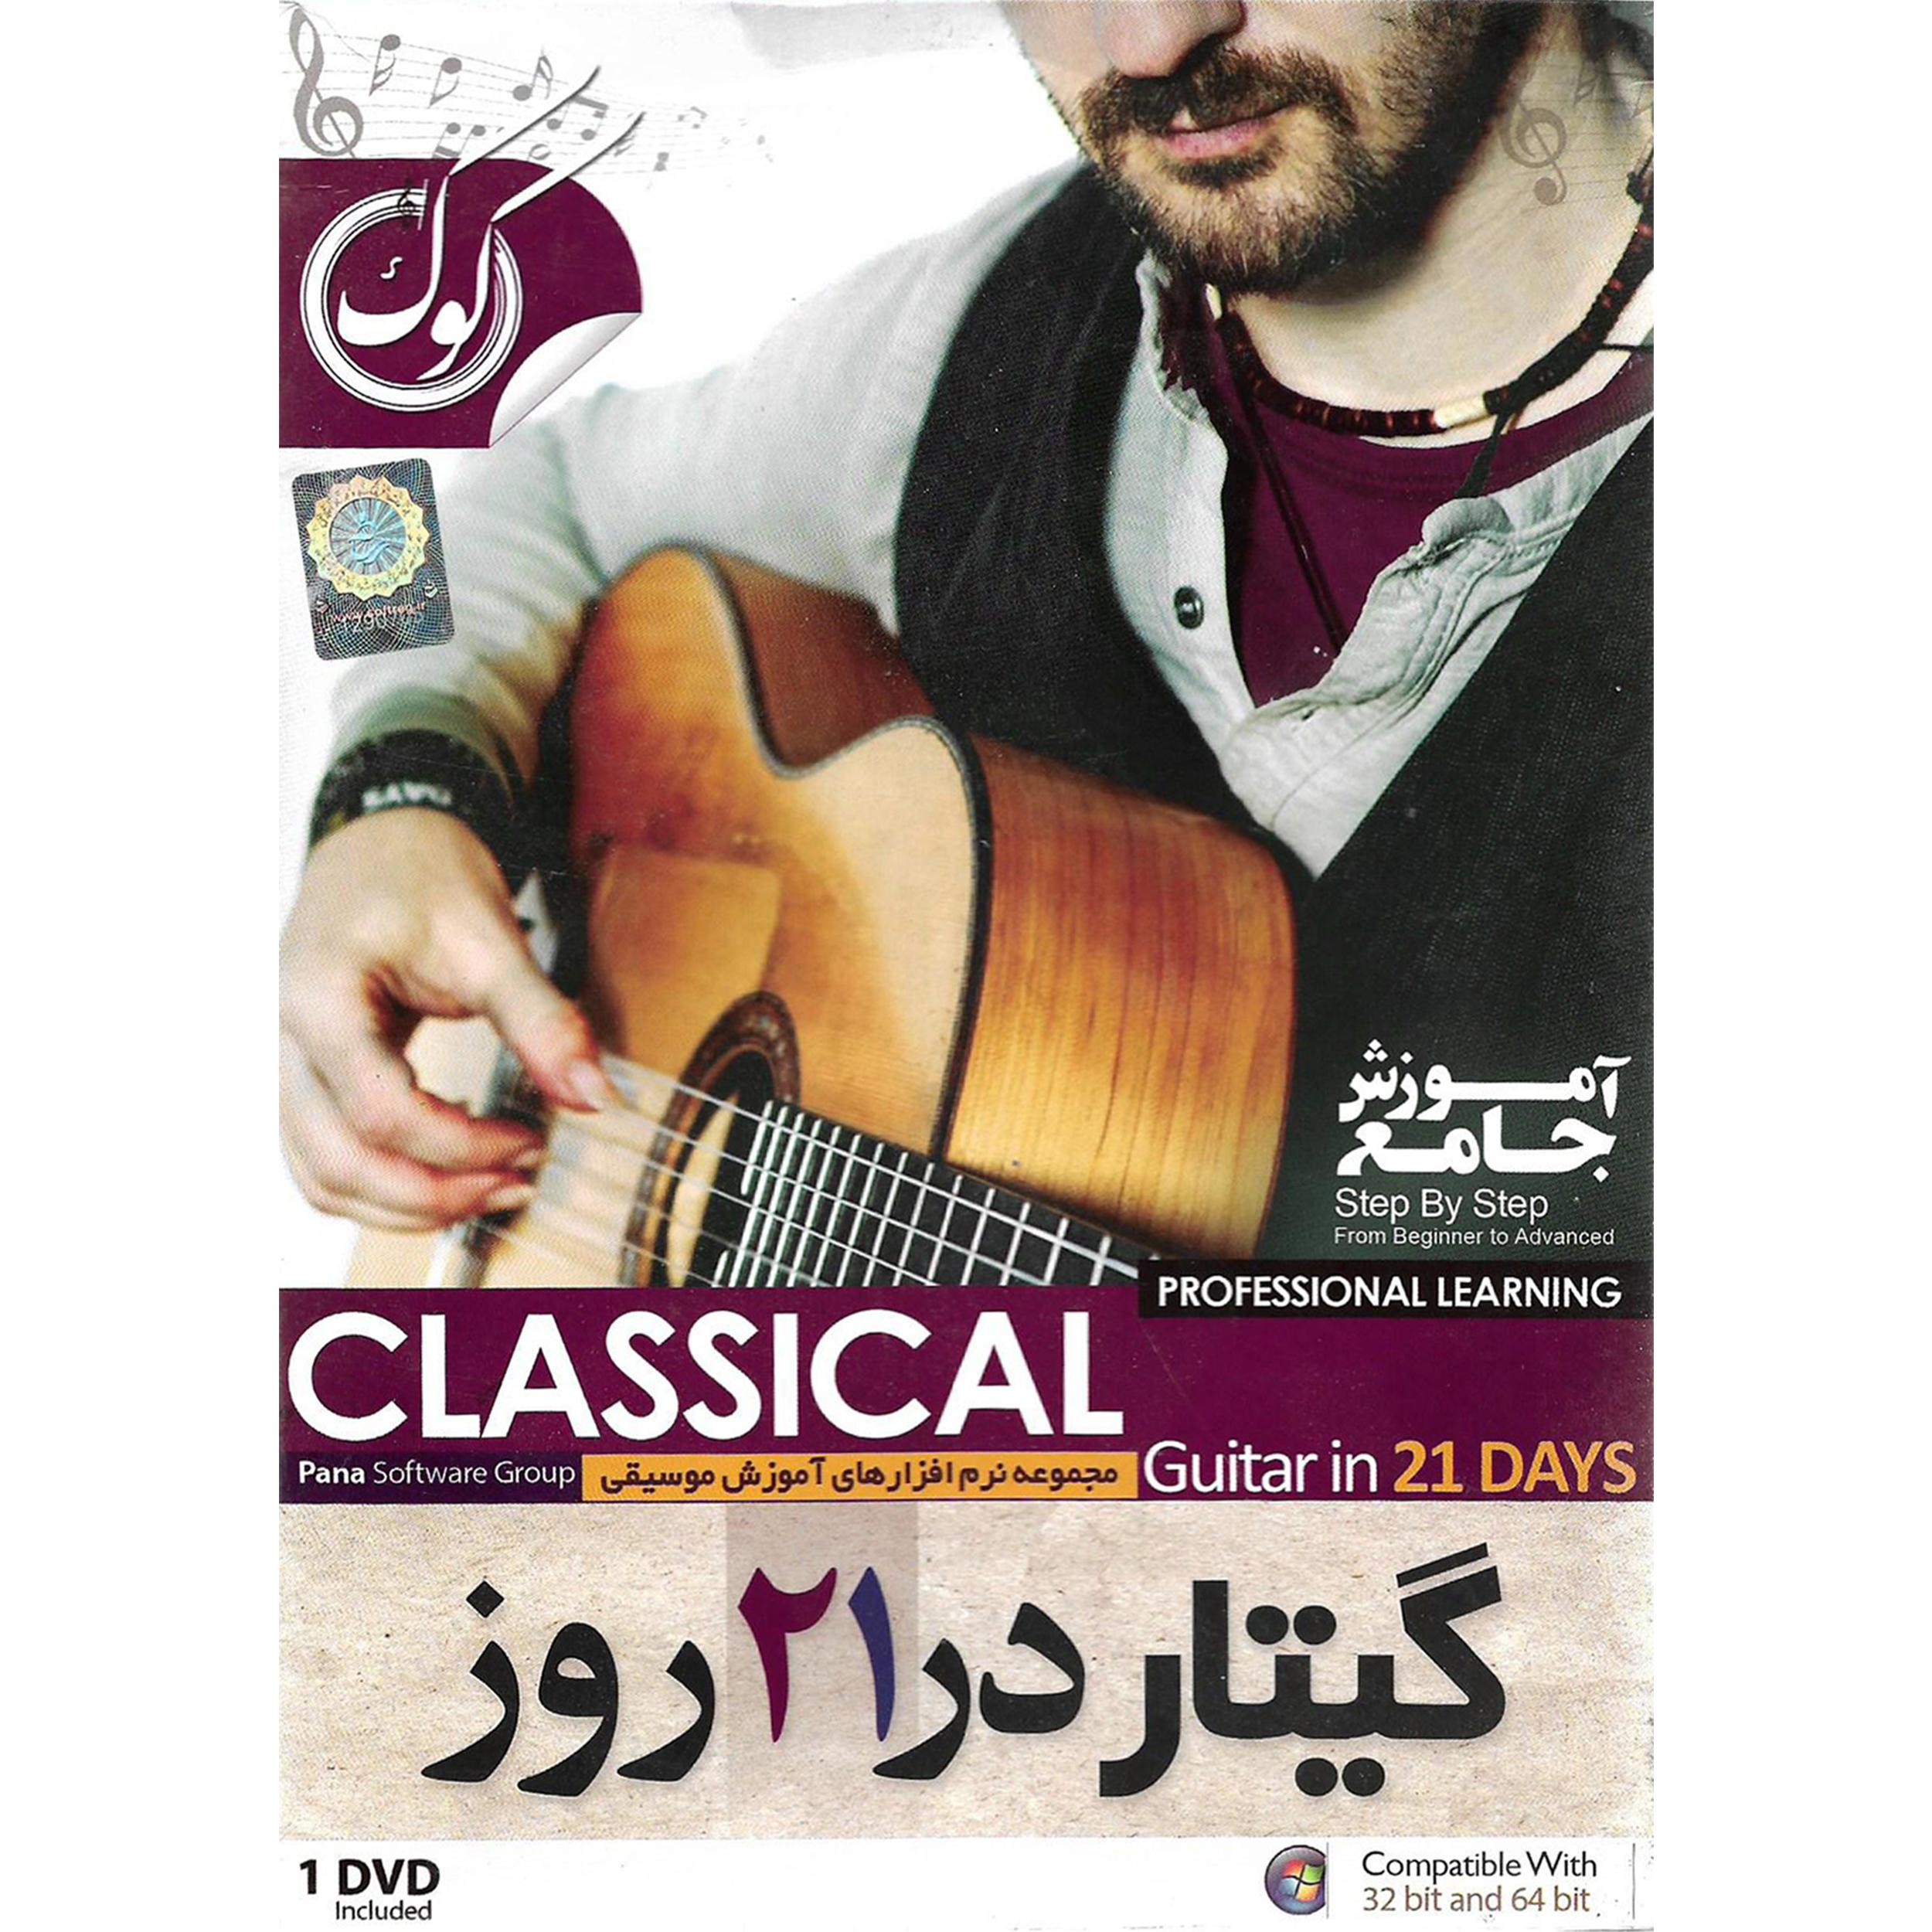 نرم افزار آموزش گیتار کلاسیک در 21 روز نشر پاناپرداز آریا